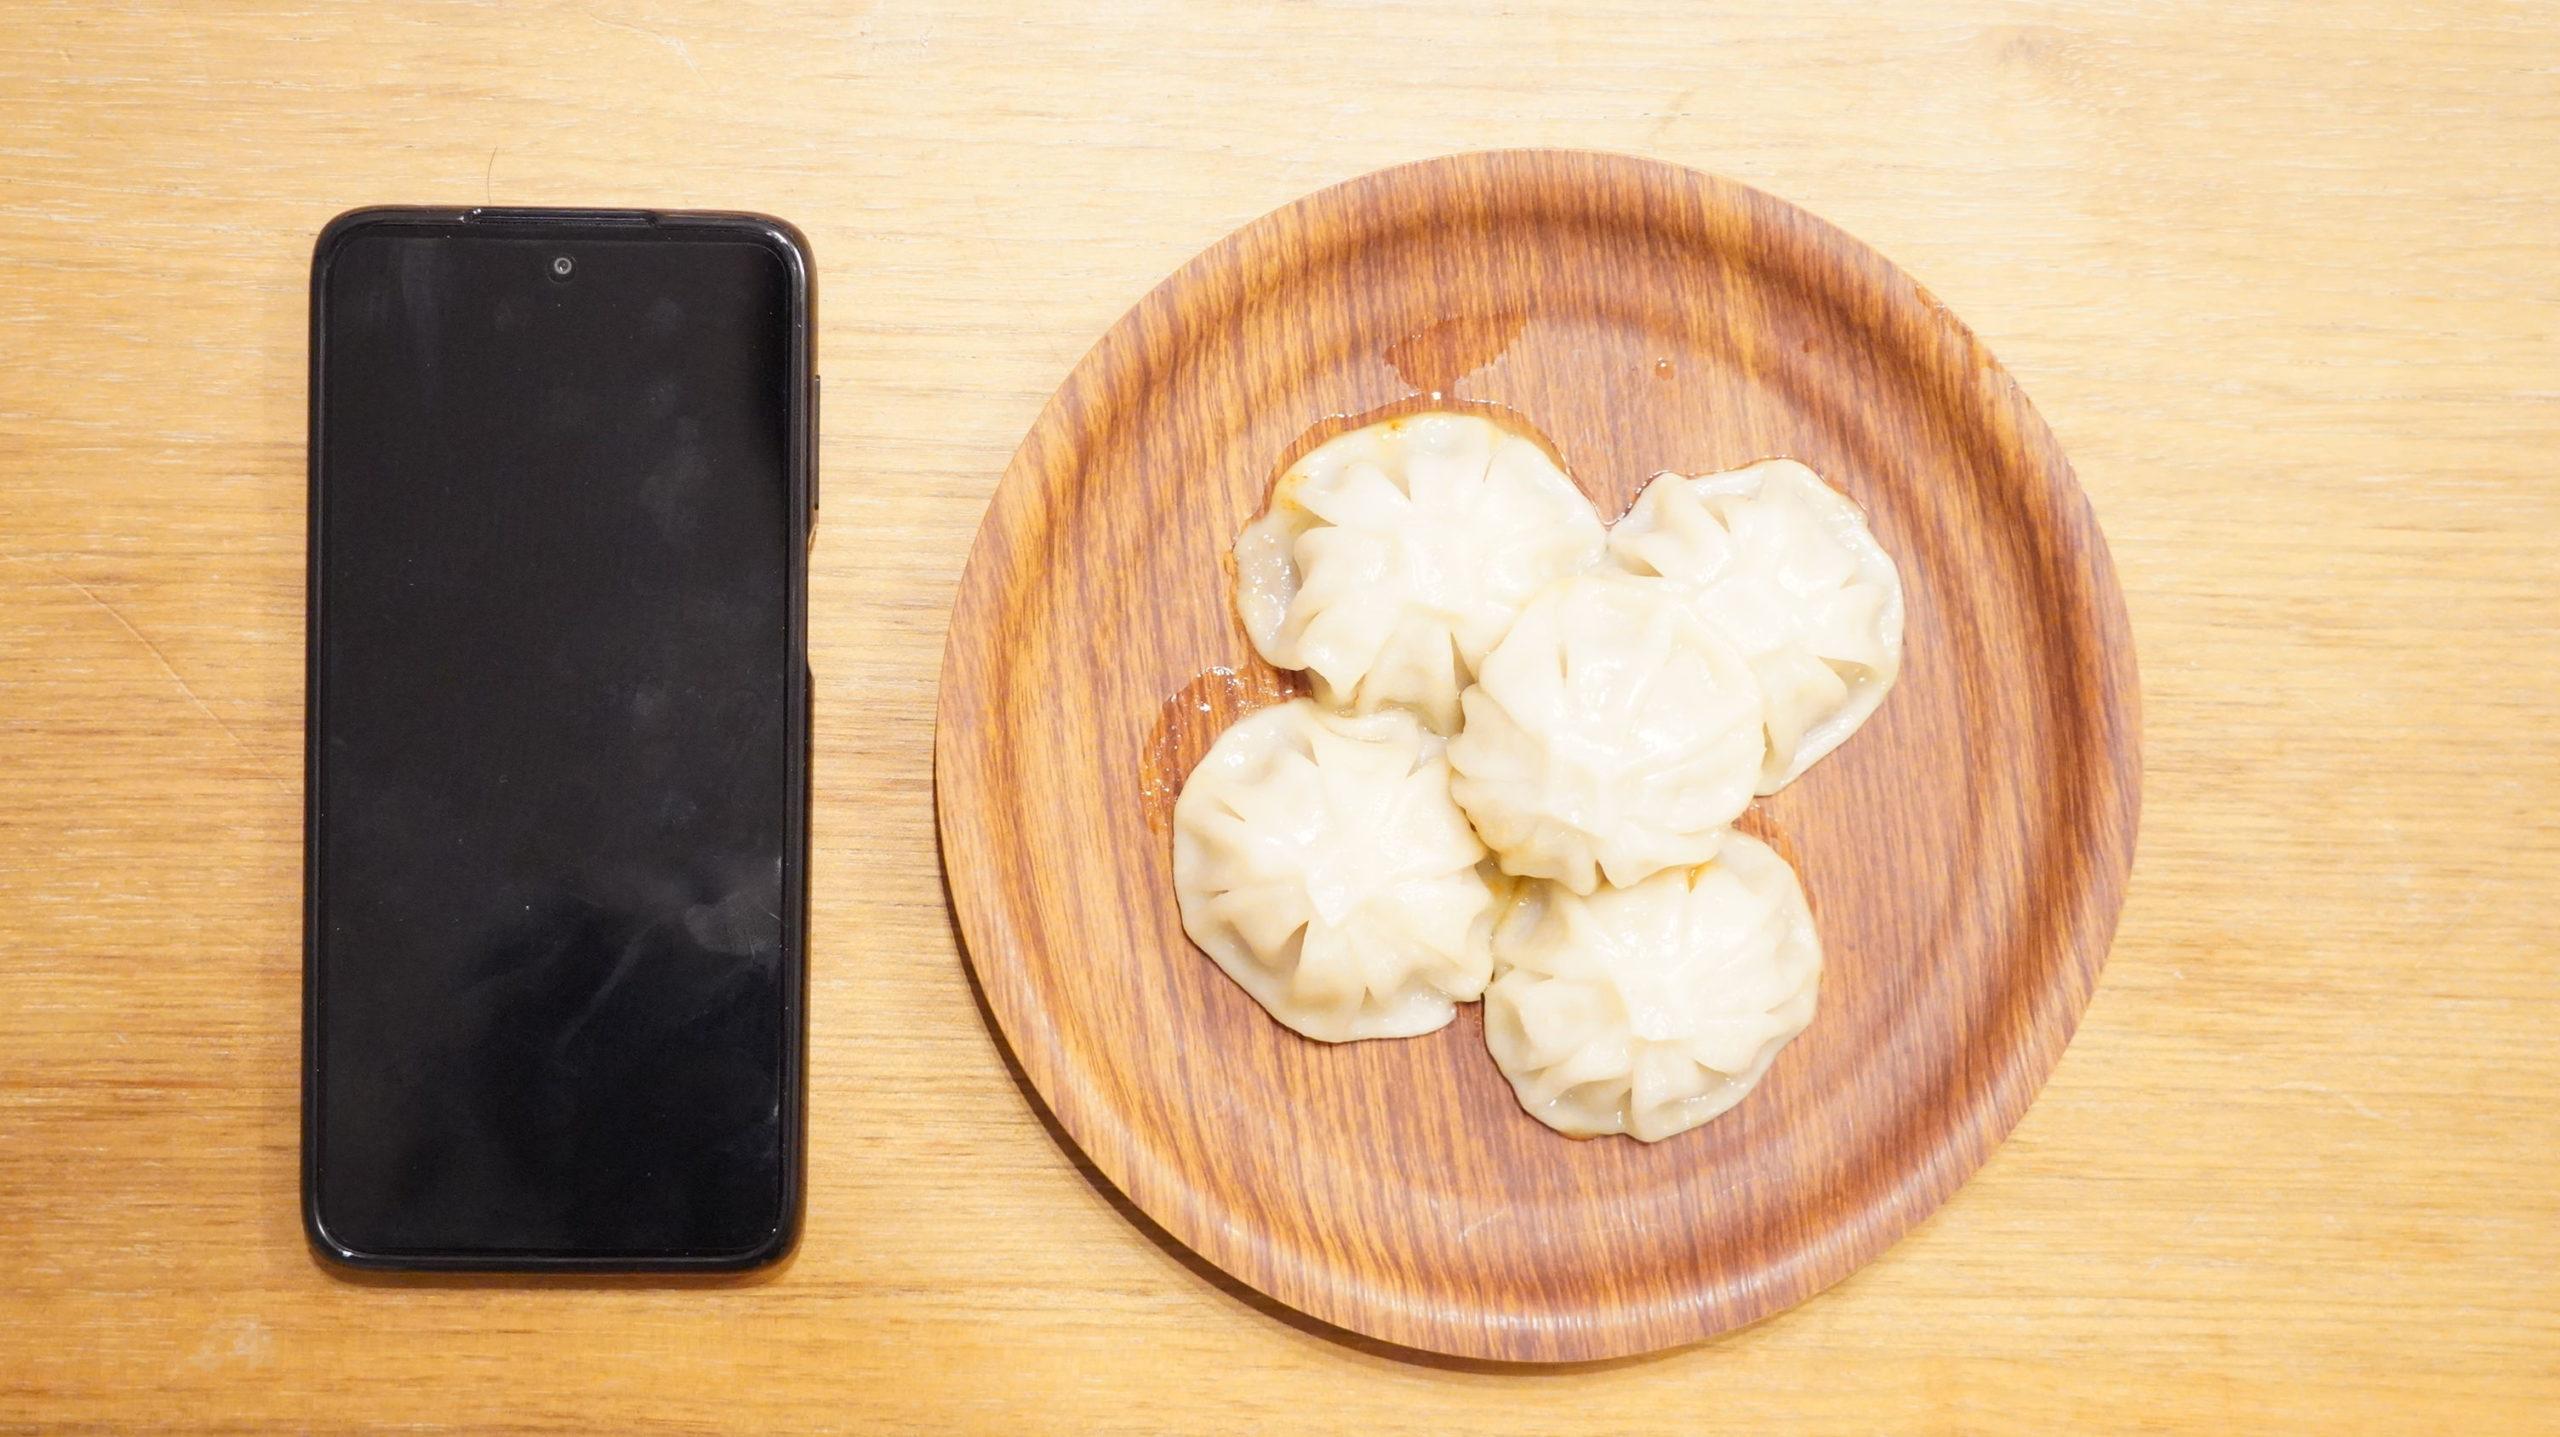 コストコの冷凍食品「冷凍・生・小籠包」とスマホの大きさを比較した写真